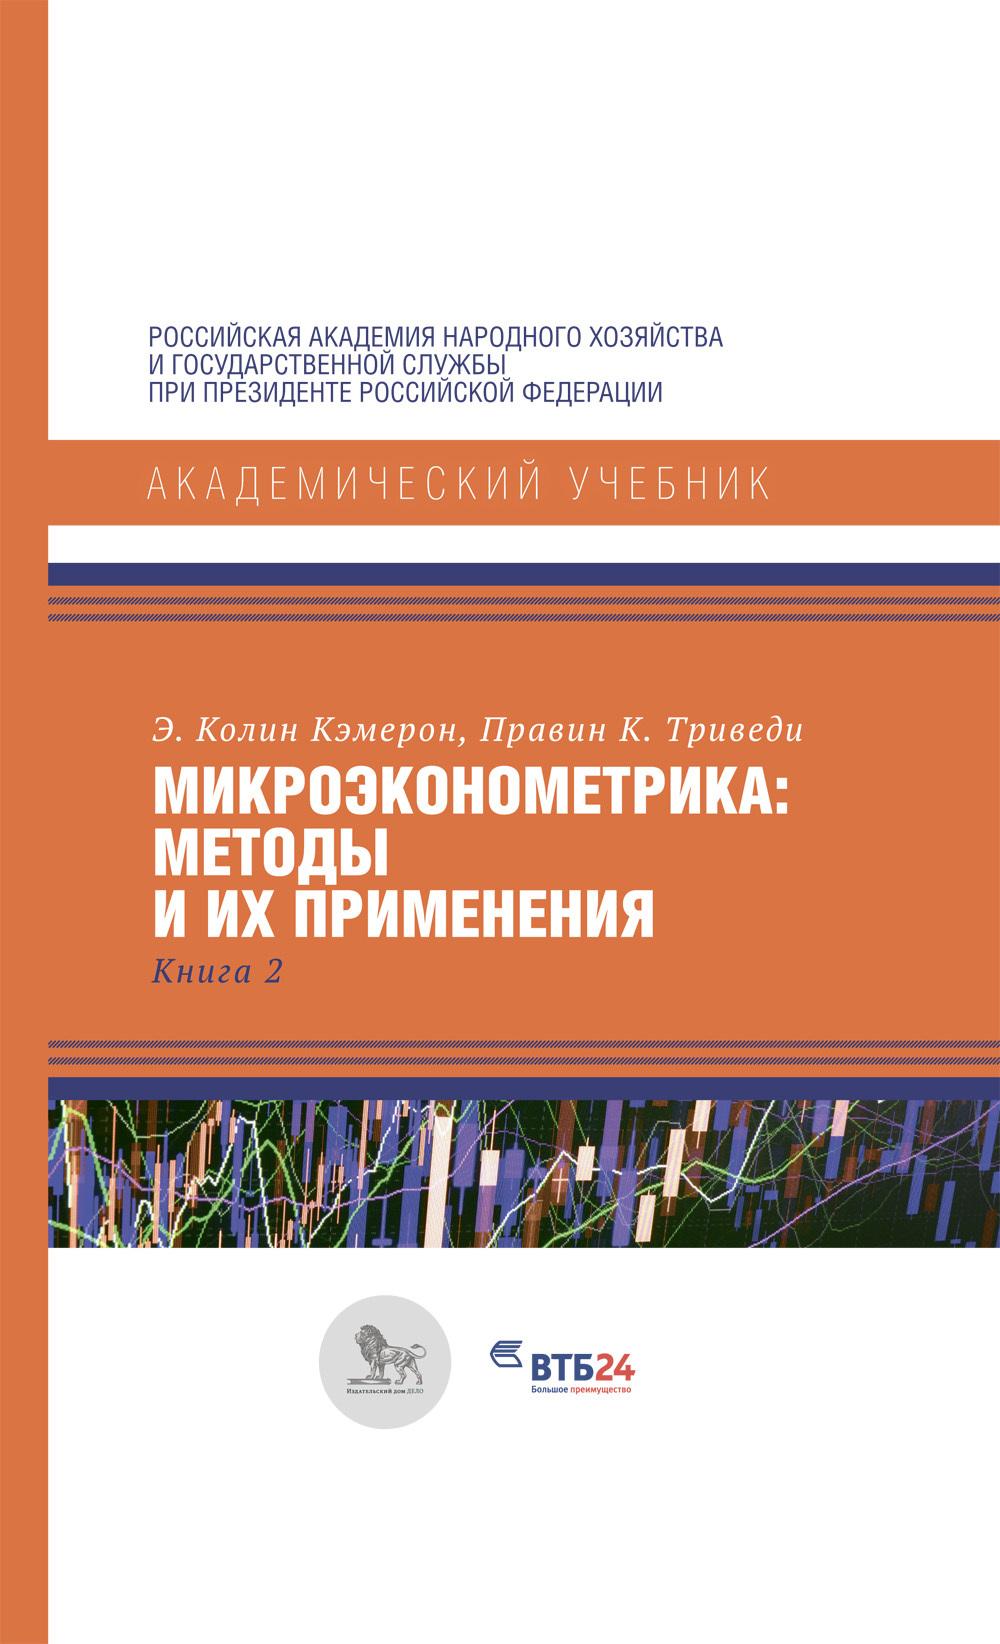 Микроэконометрика: методы и их применения. Книга 2